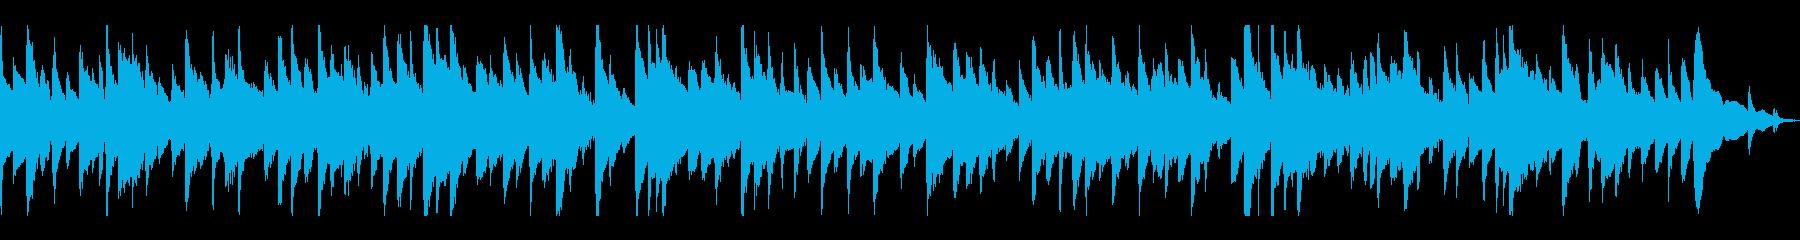 穏やか・暖かい アコギBGM ループ仕様の再生済みの波形